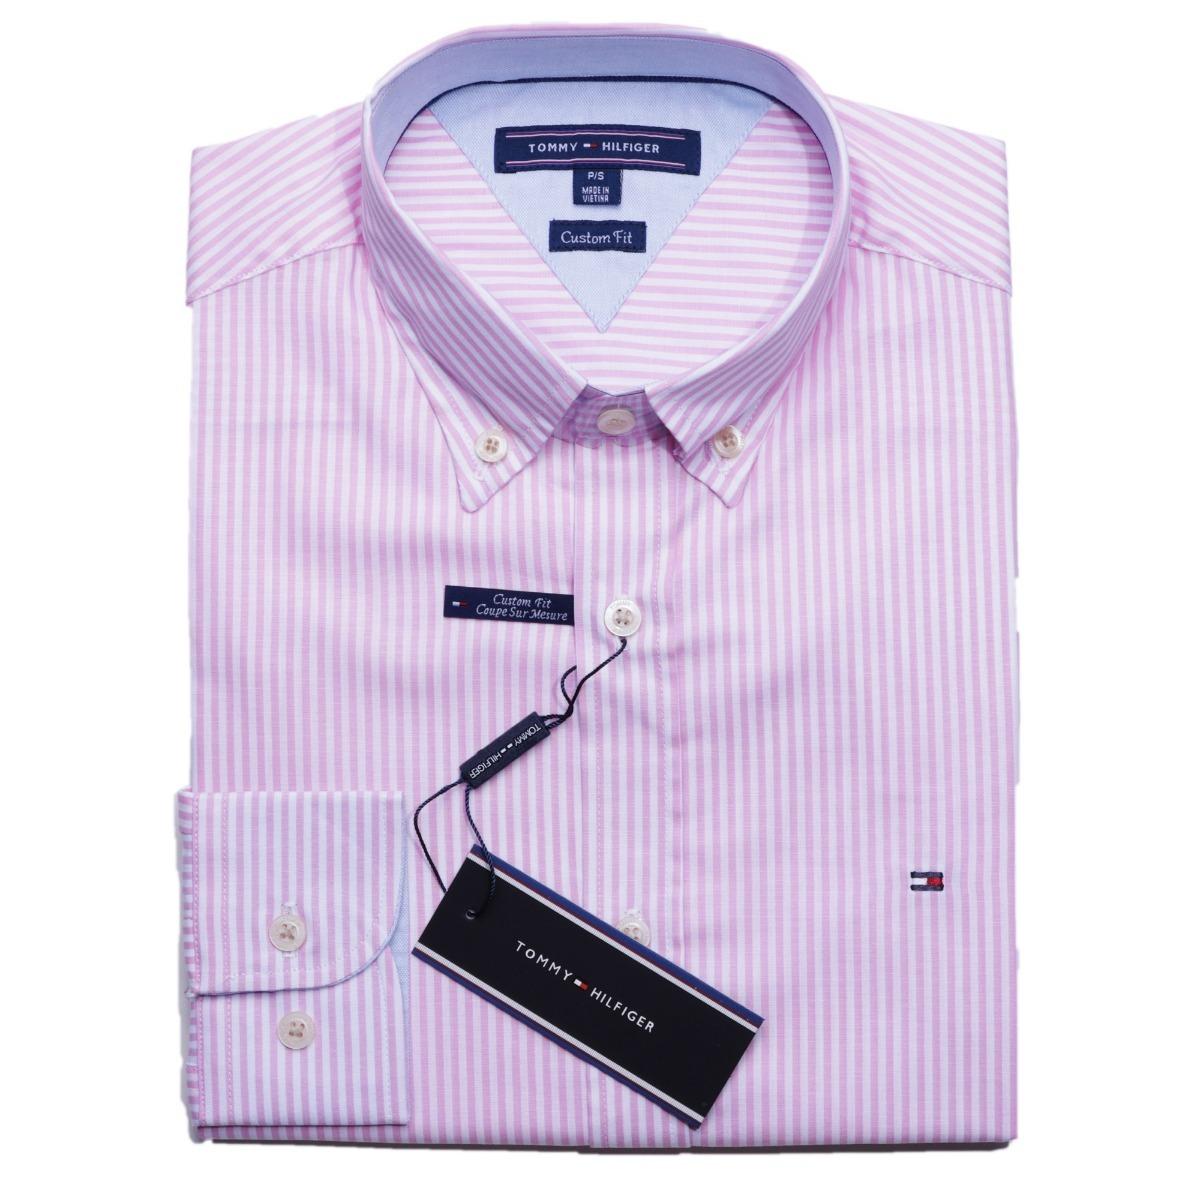 camisa social tommy hilfiger cst fit listrada rosa original. Carregando zoom . 97d47d467300d